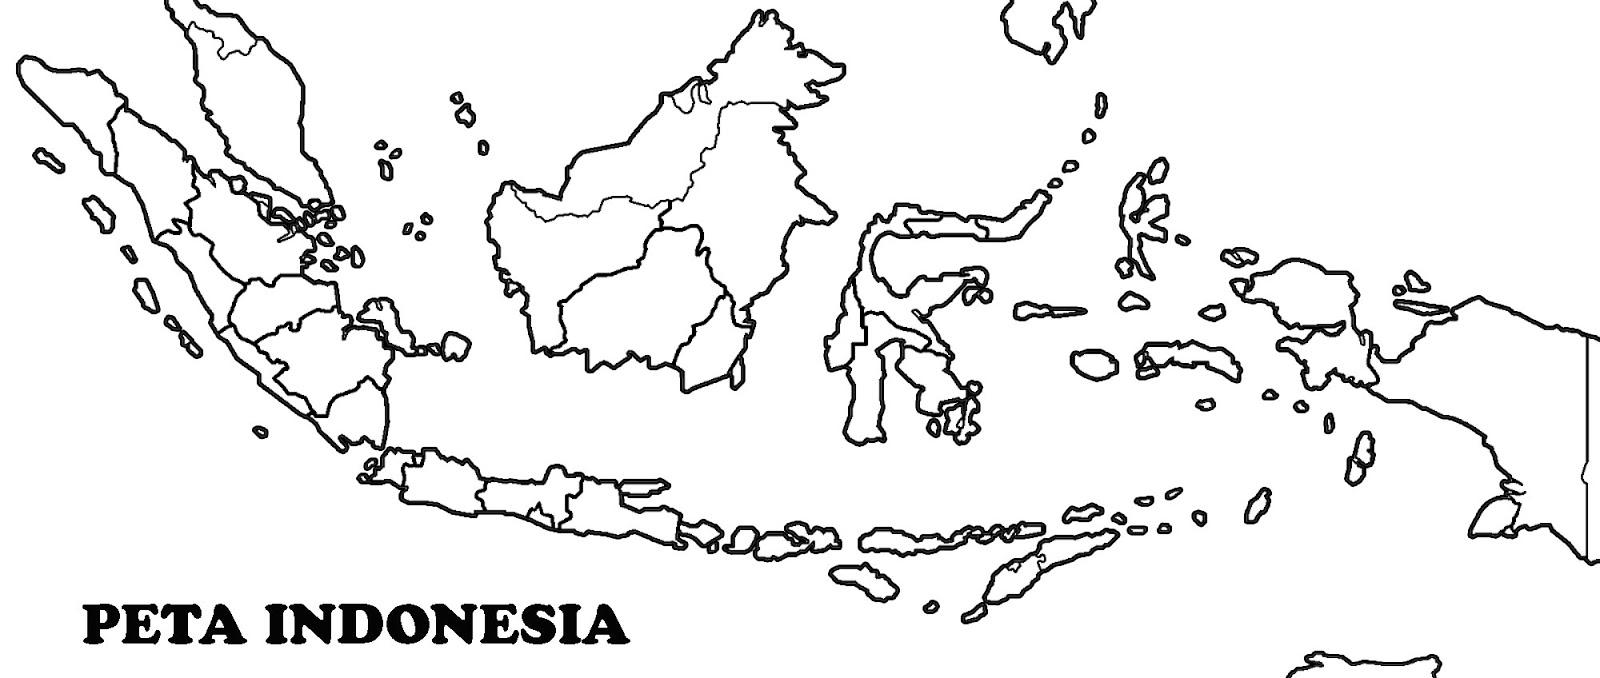 Kumpulan Mewarnai Gambar Peta Indonesia